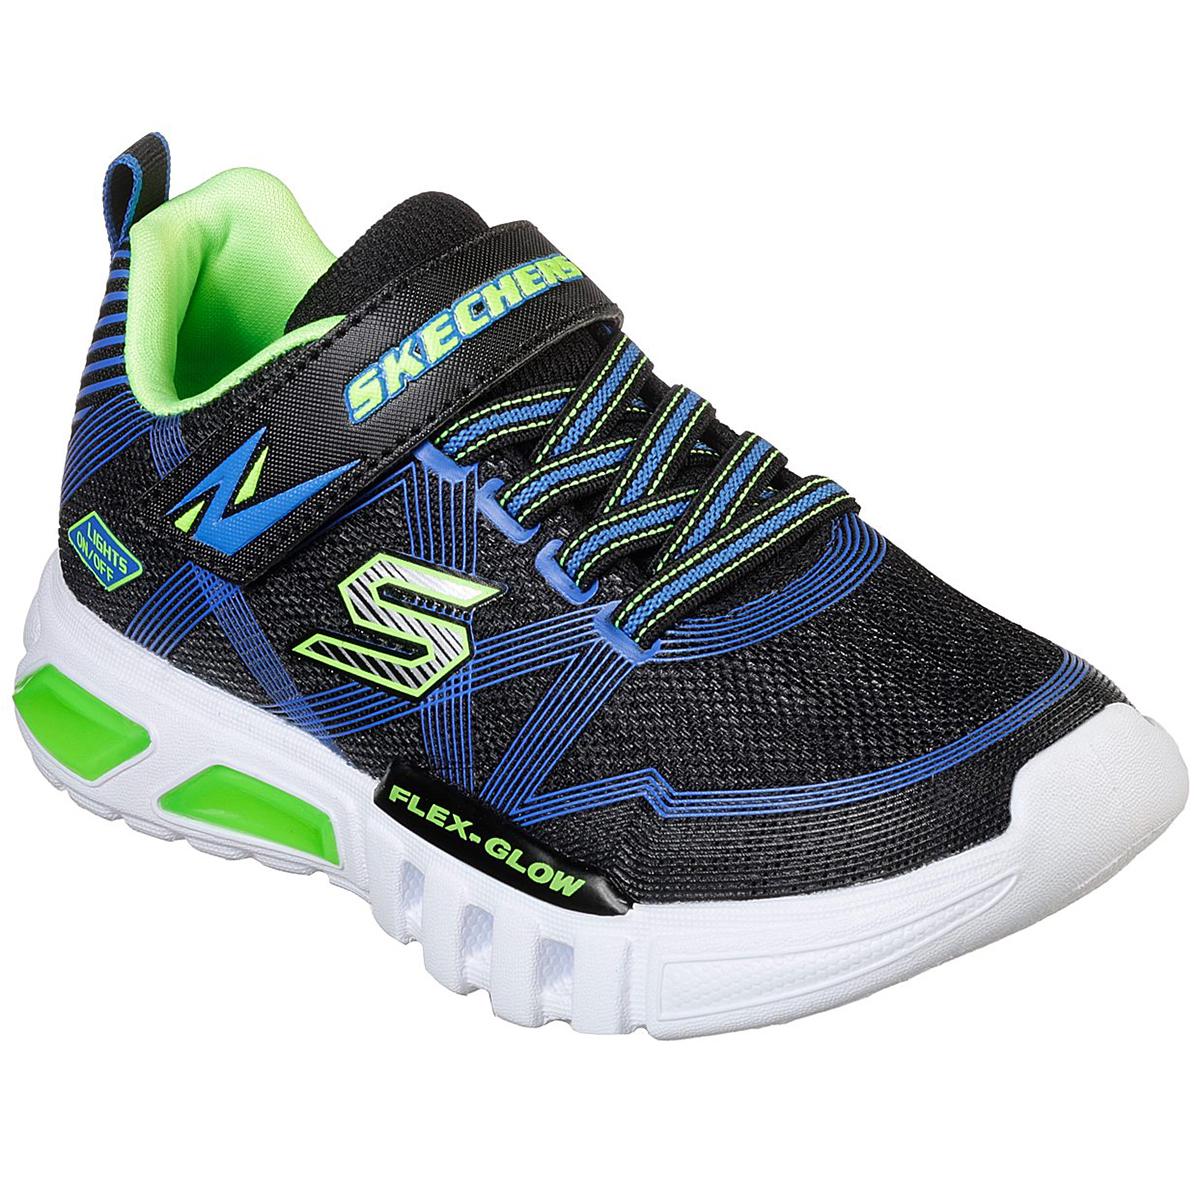 Skechers Boys' Flex Glow Parrox Light Up Shoes - Blue, 9